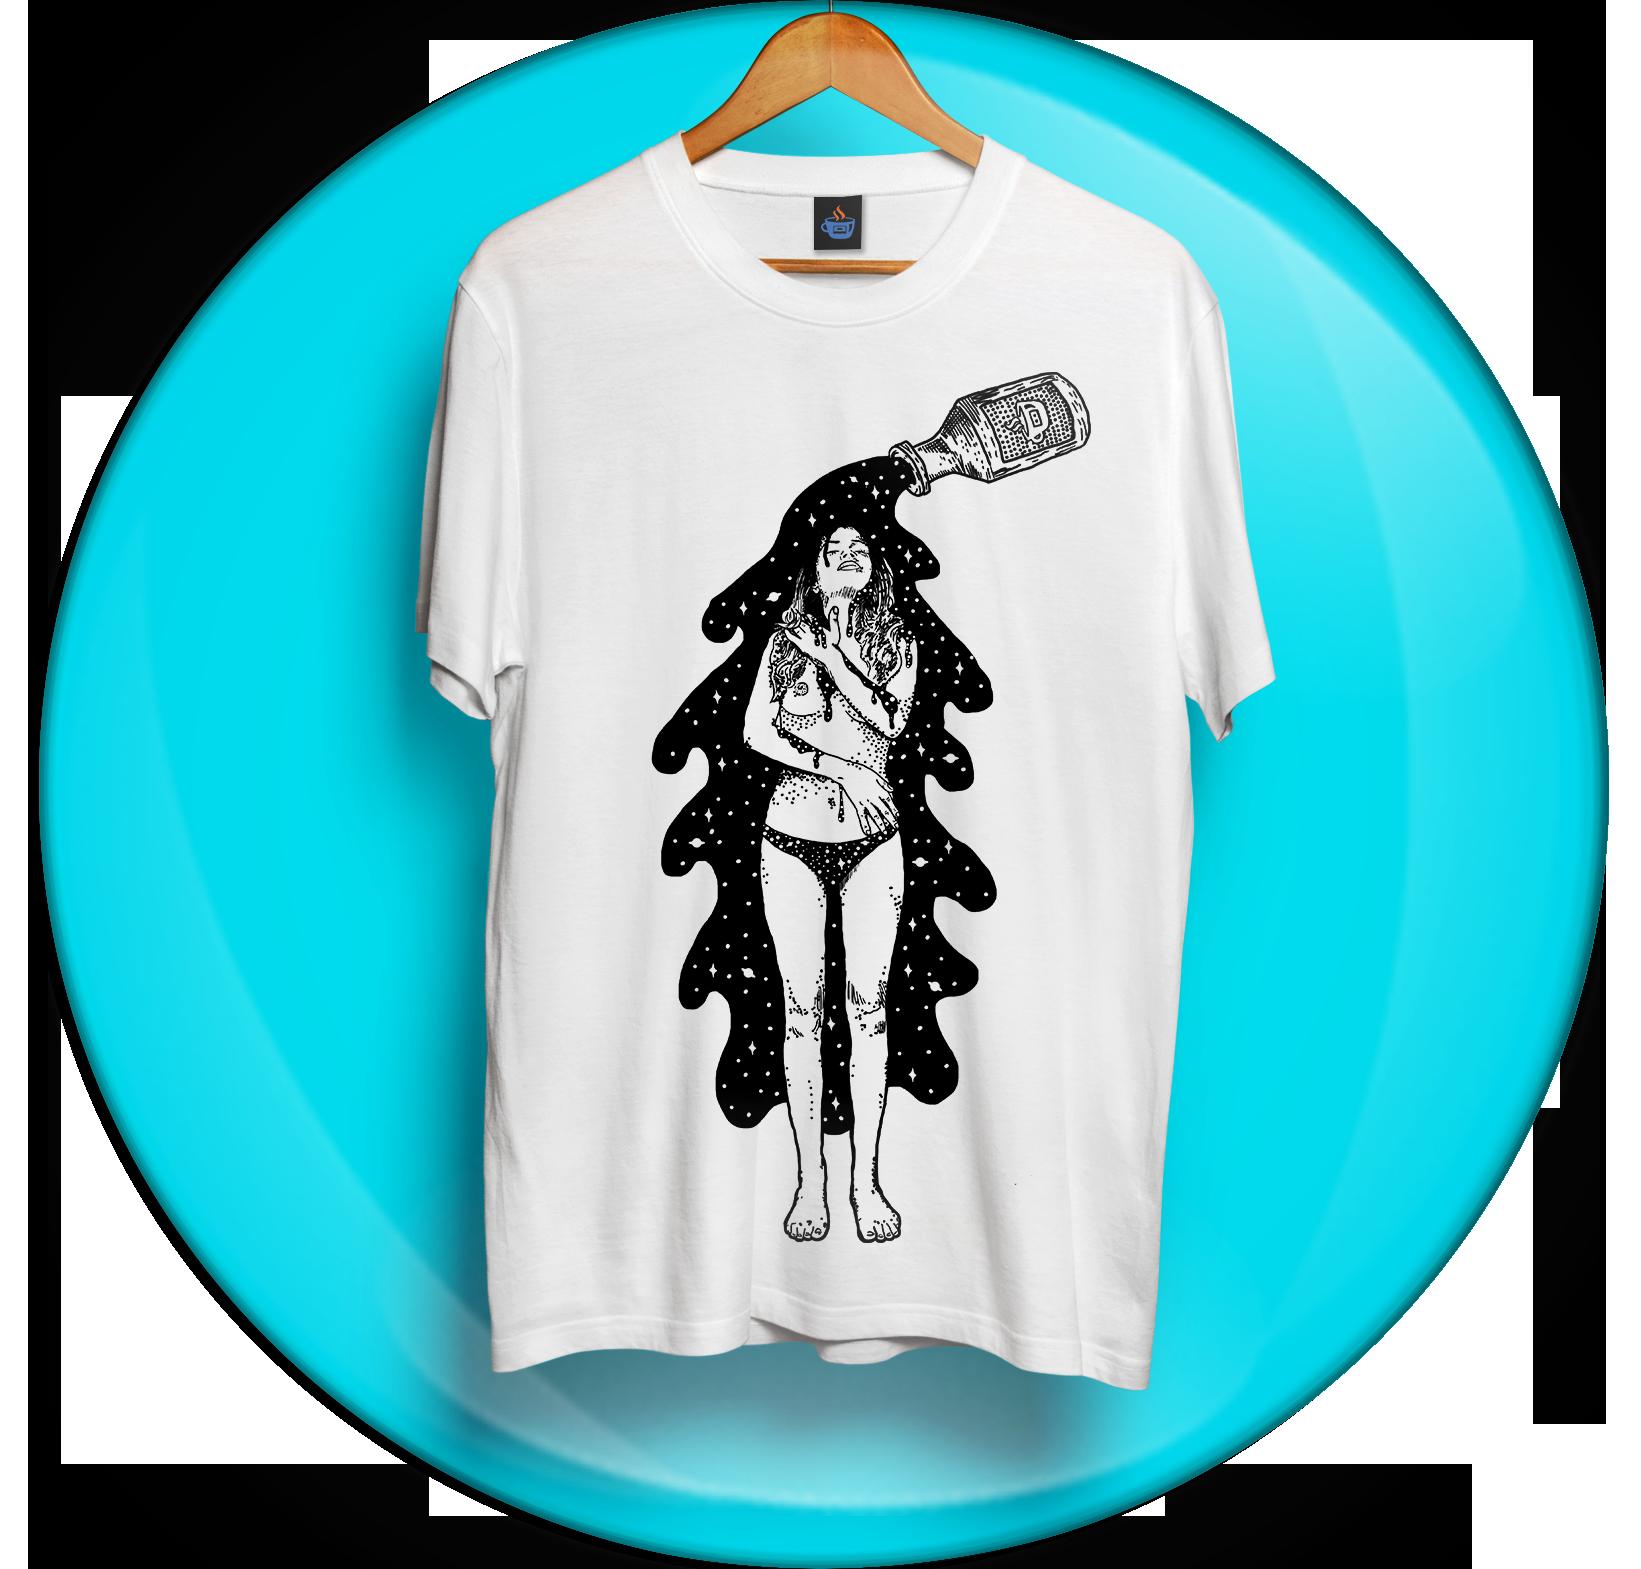 Camisetas Alternativas - Camiseta Doce Veneno